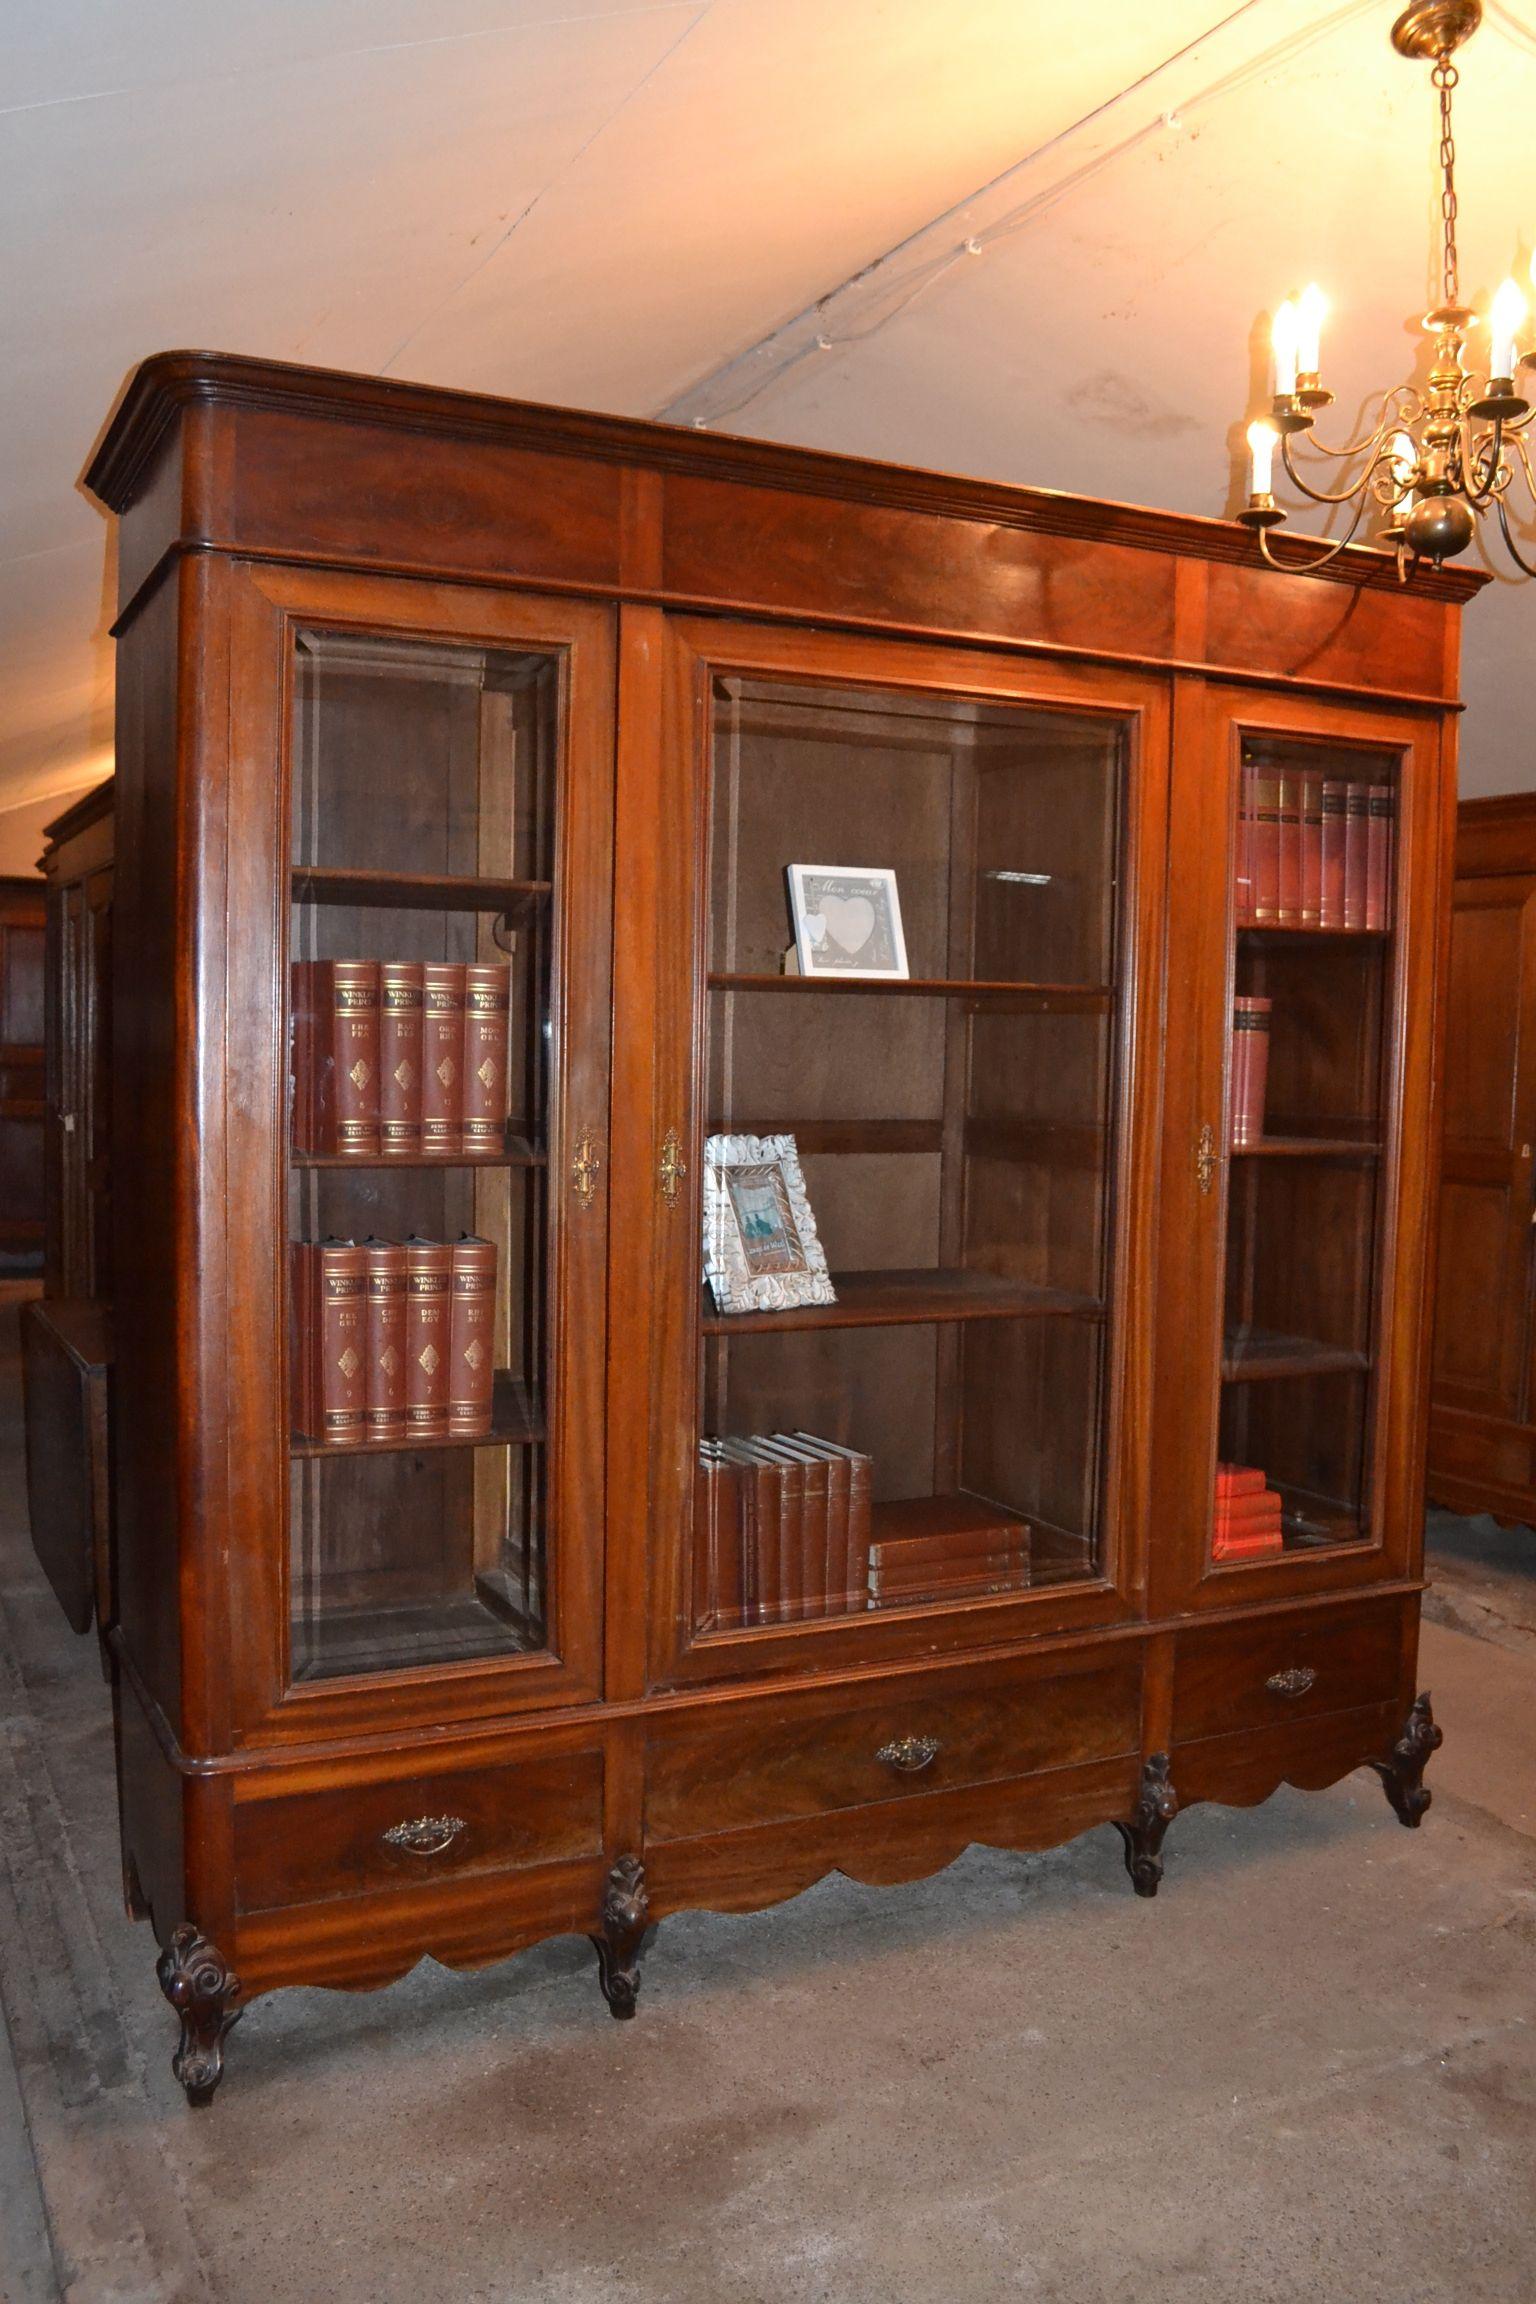 grote antieke mahonie bibliotheekkast boekenkast wwwdenoudensteeghnl